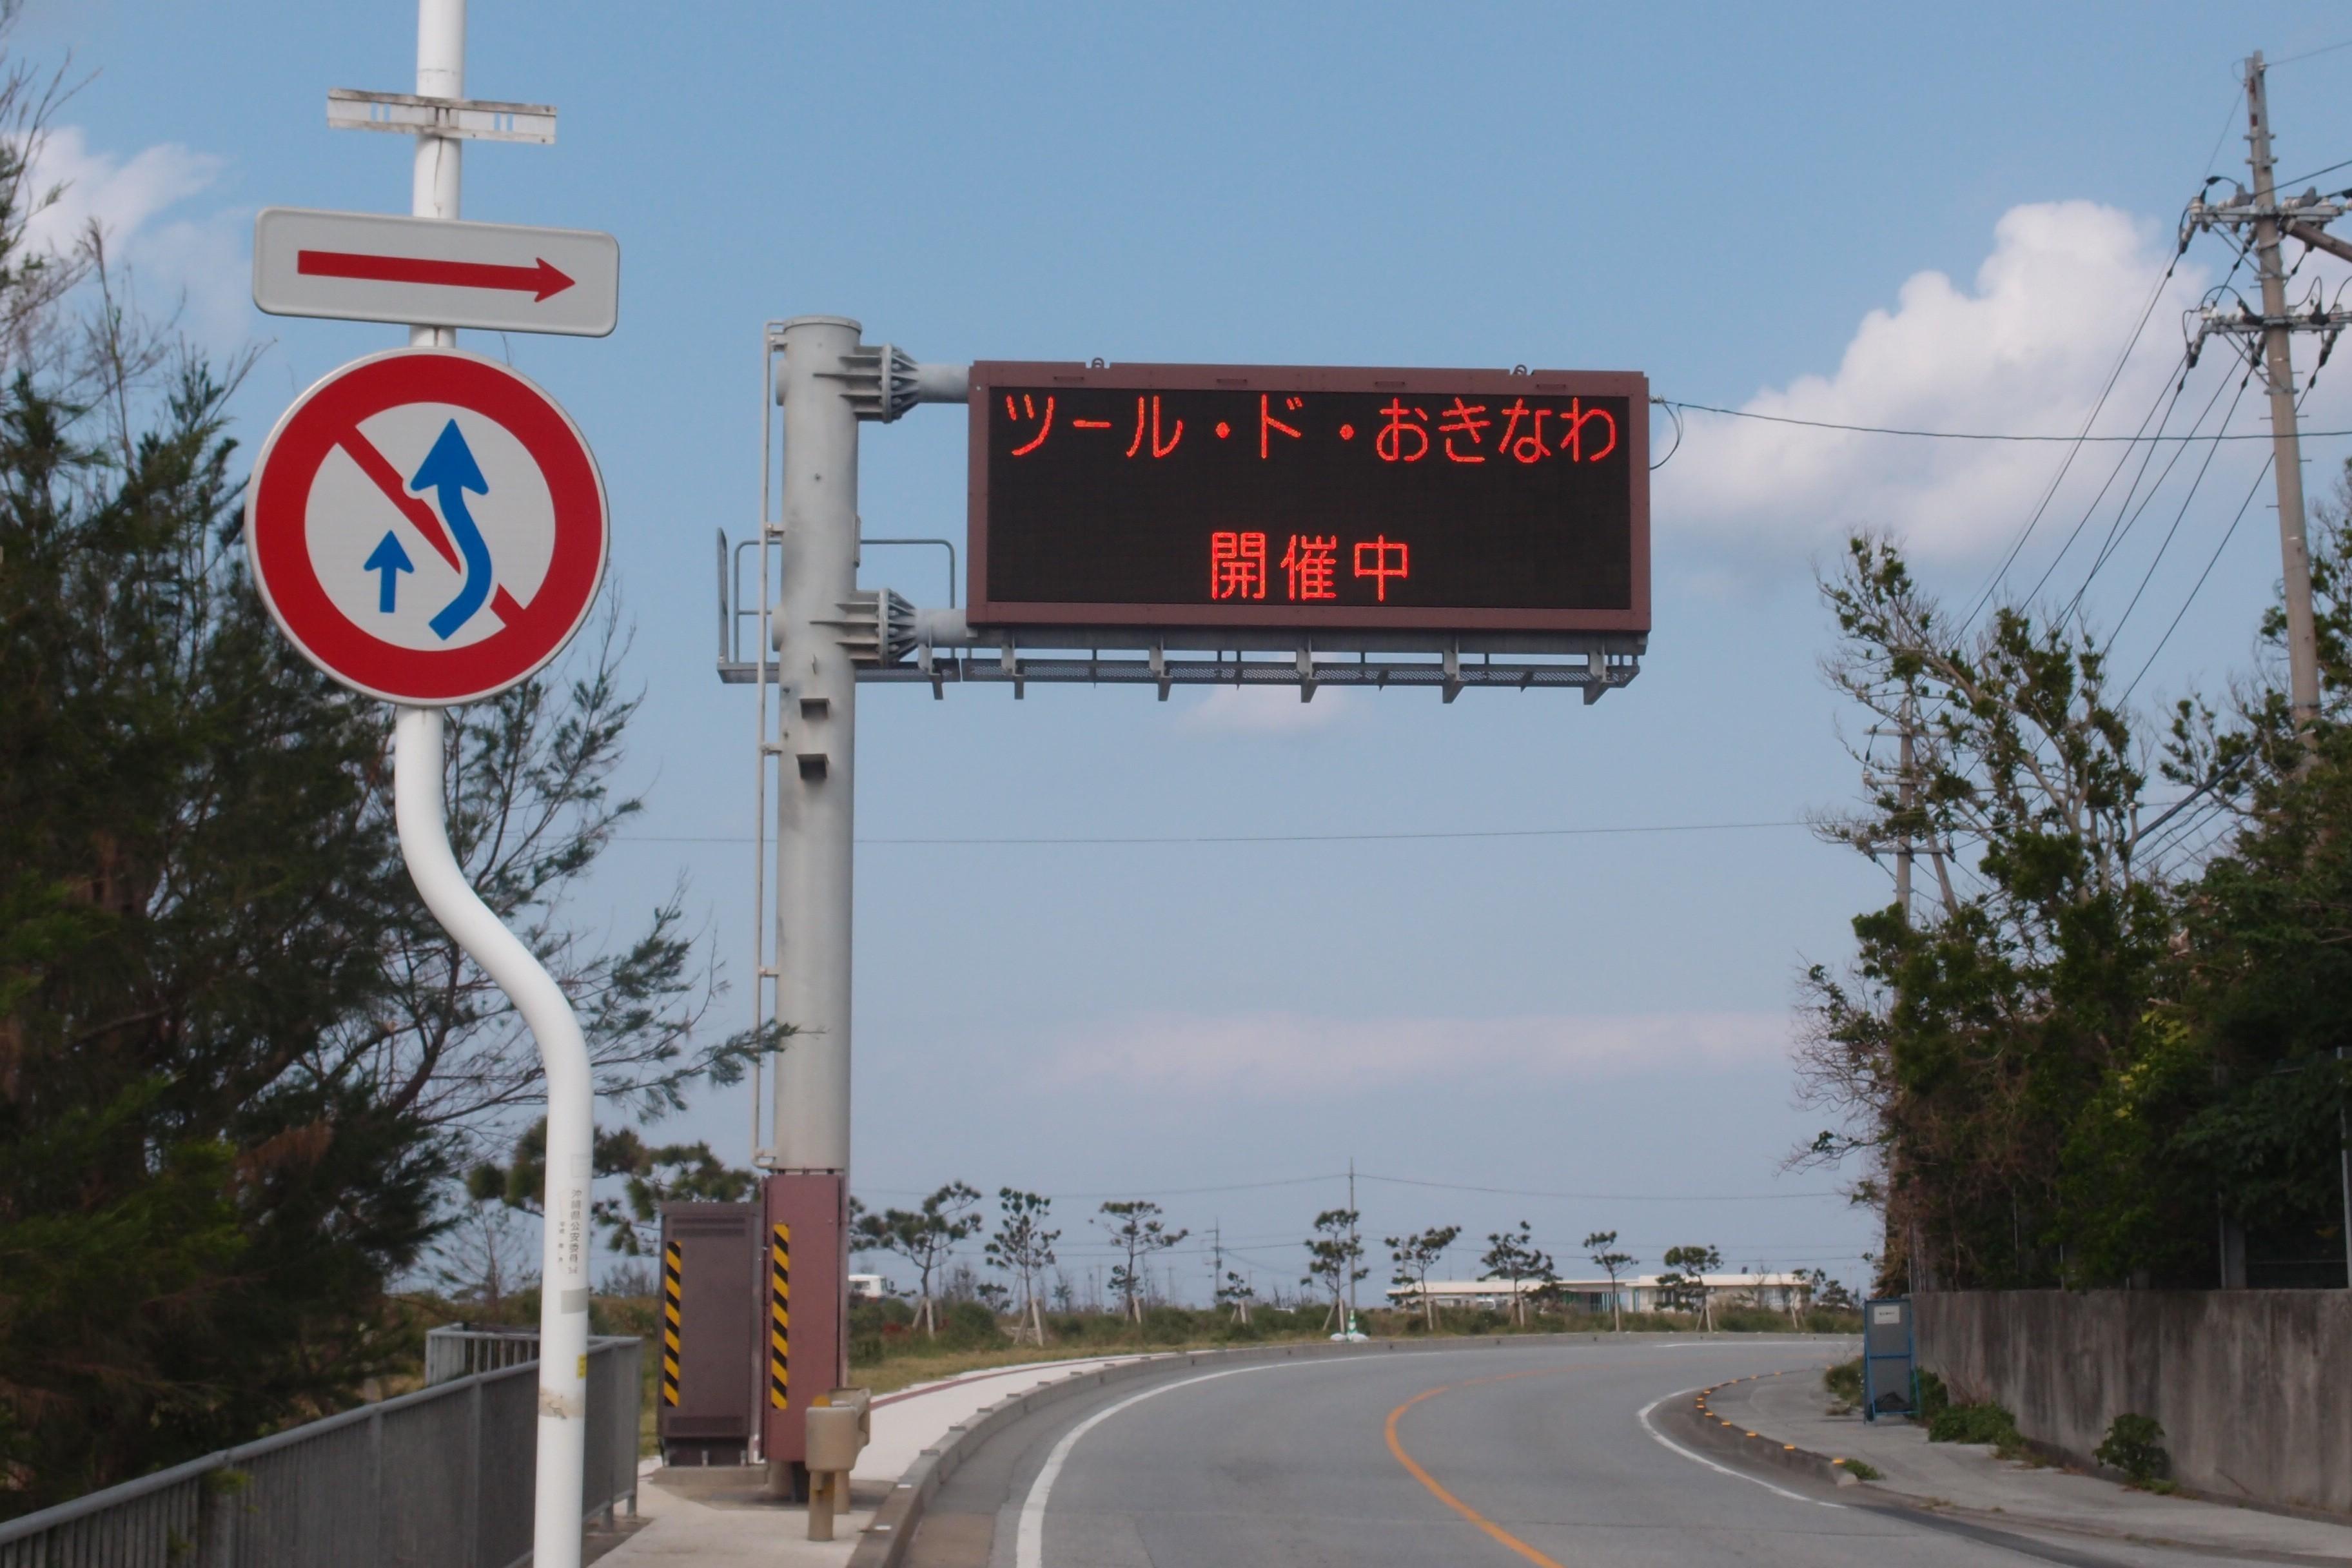 路上的號誌也提醒其他用路人:環沖繩賽現正舉辦中。